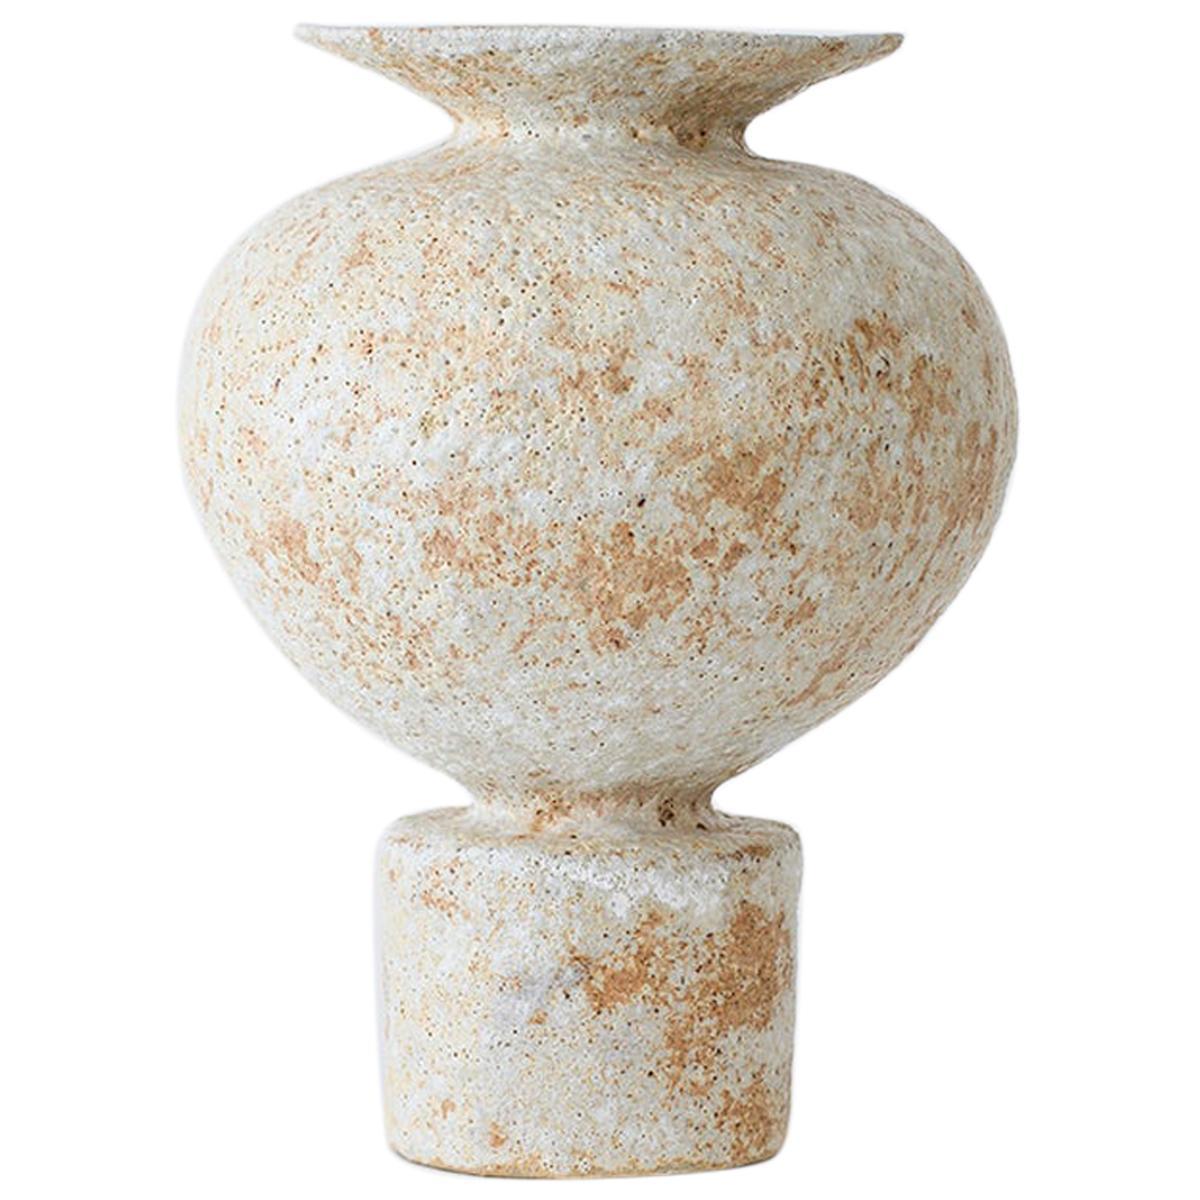 Unique Áptera 4 Stoneware Vase by Raquel Vidal and Pedro Paz